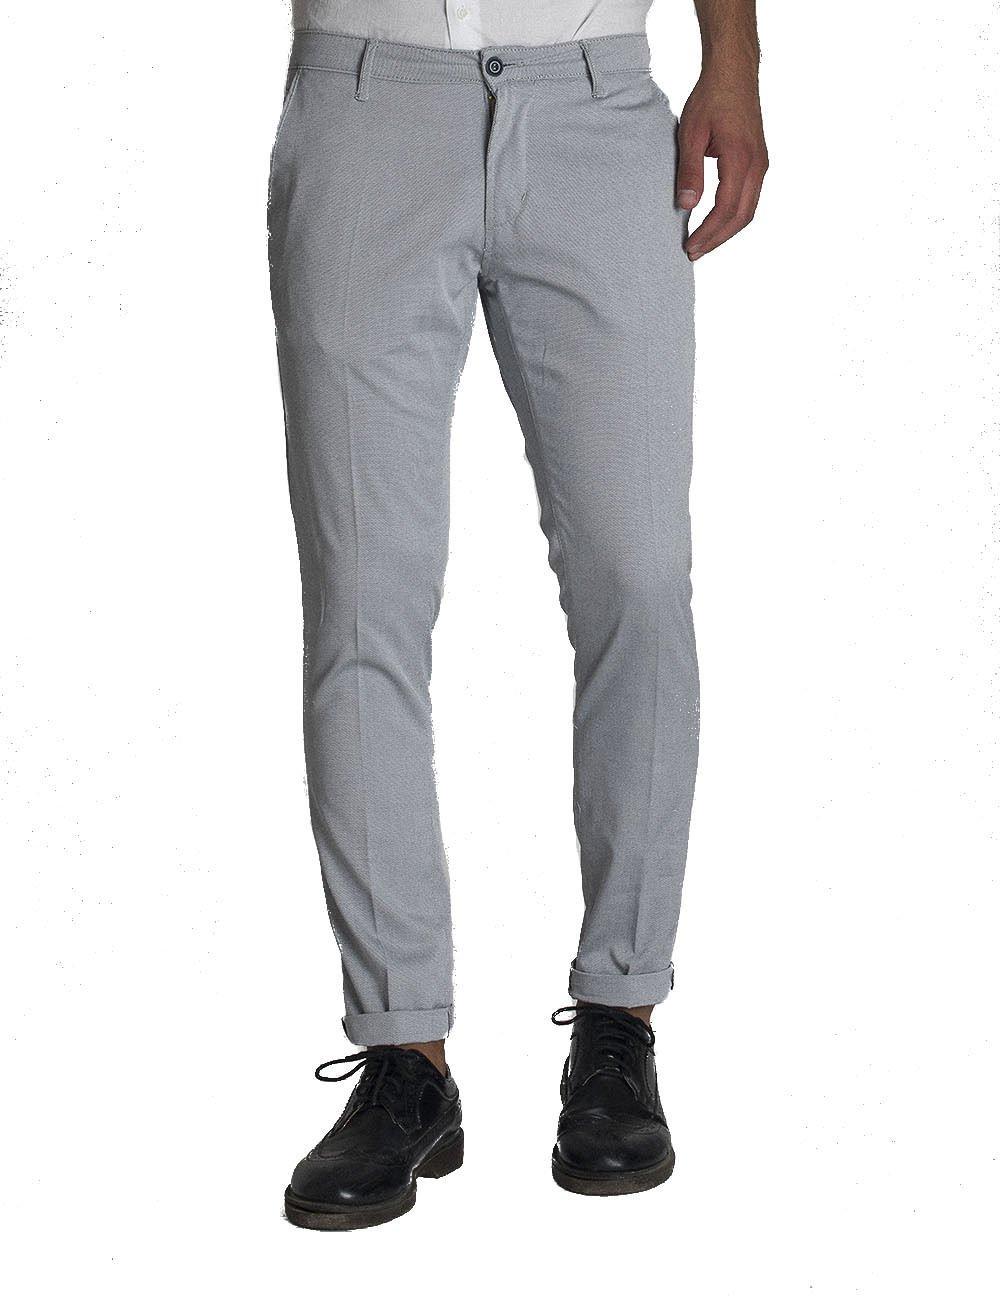 Pantalone uomo slim fit tessuto microarmaturato cotone made in italy